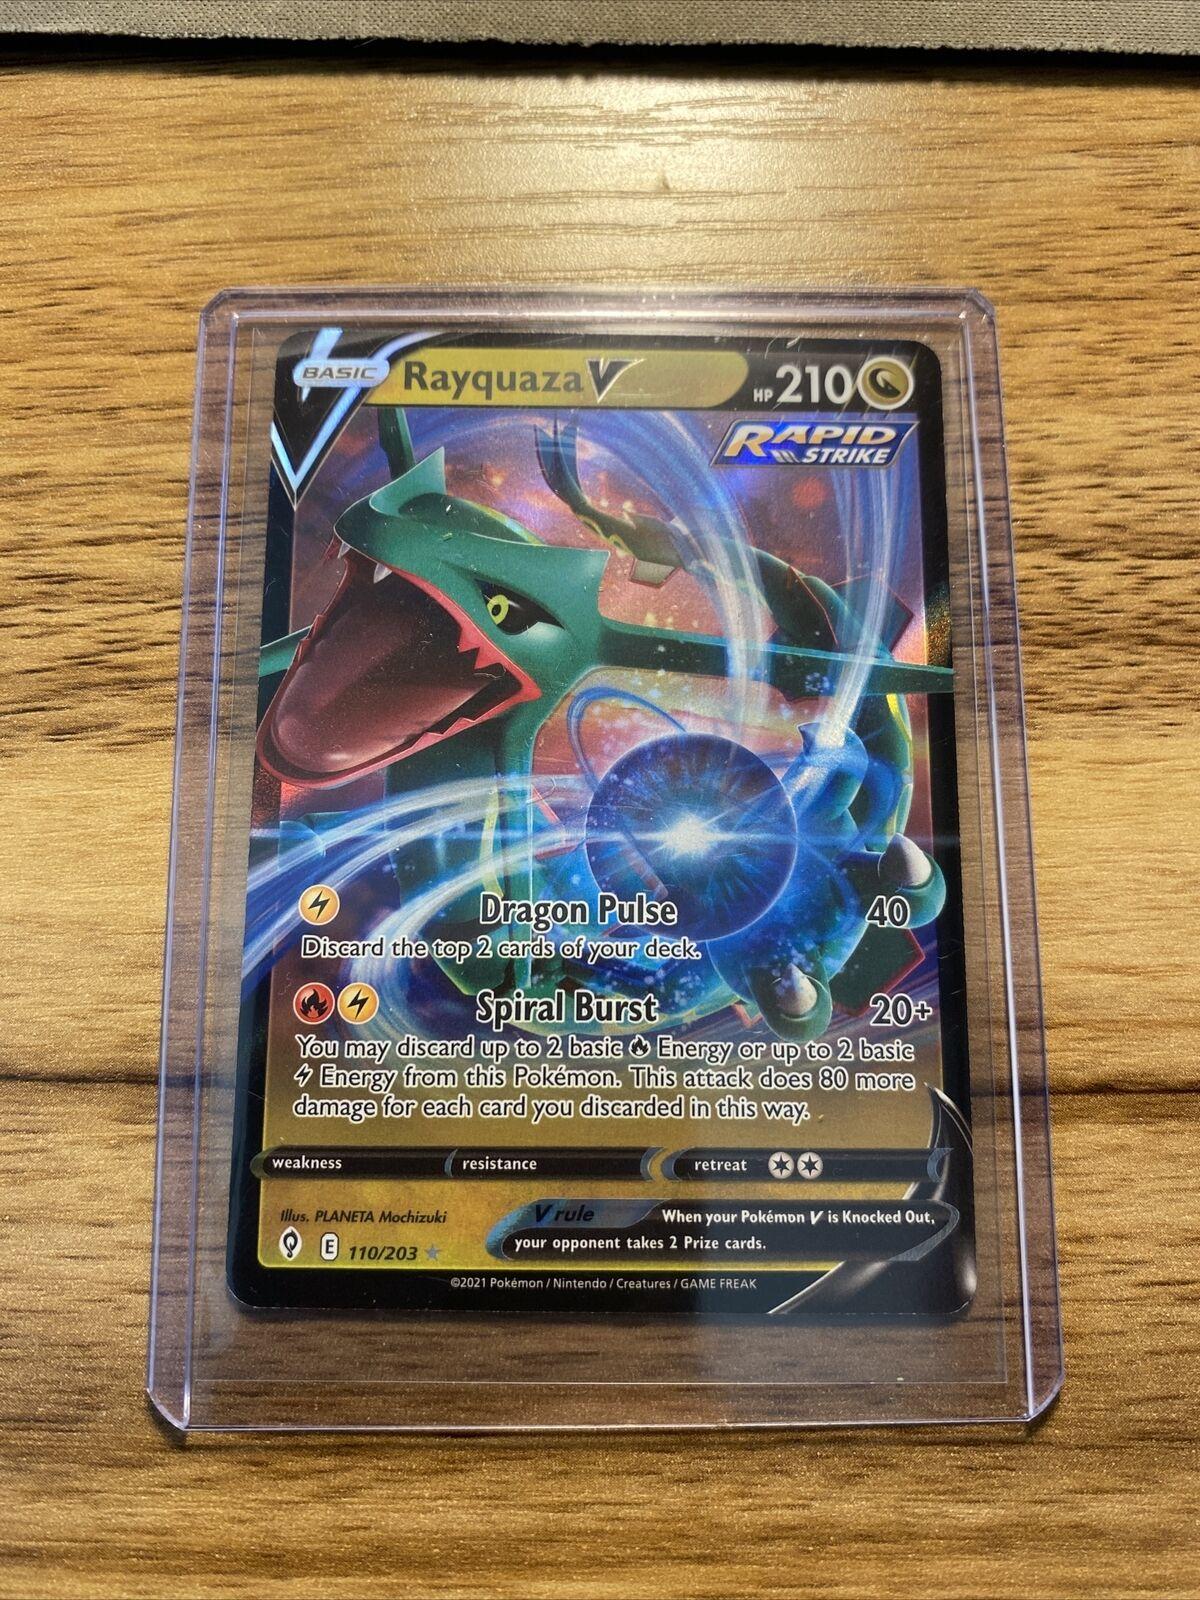 Rayquaza V 110/203 Evolving Skies NM Pokemon Card - Image 1